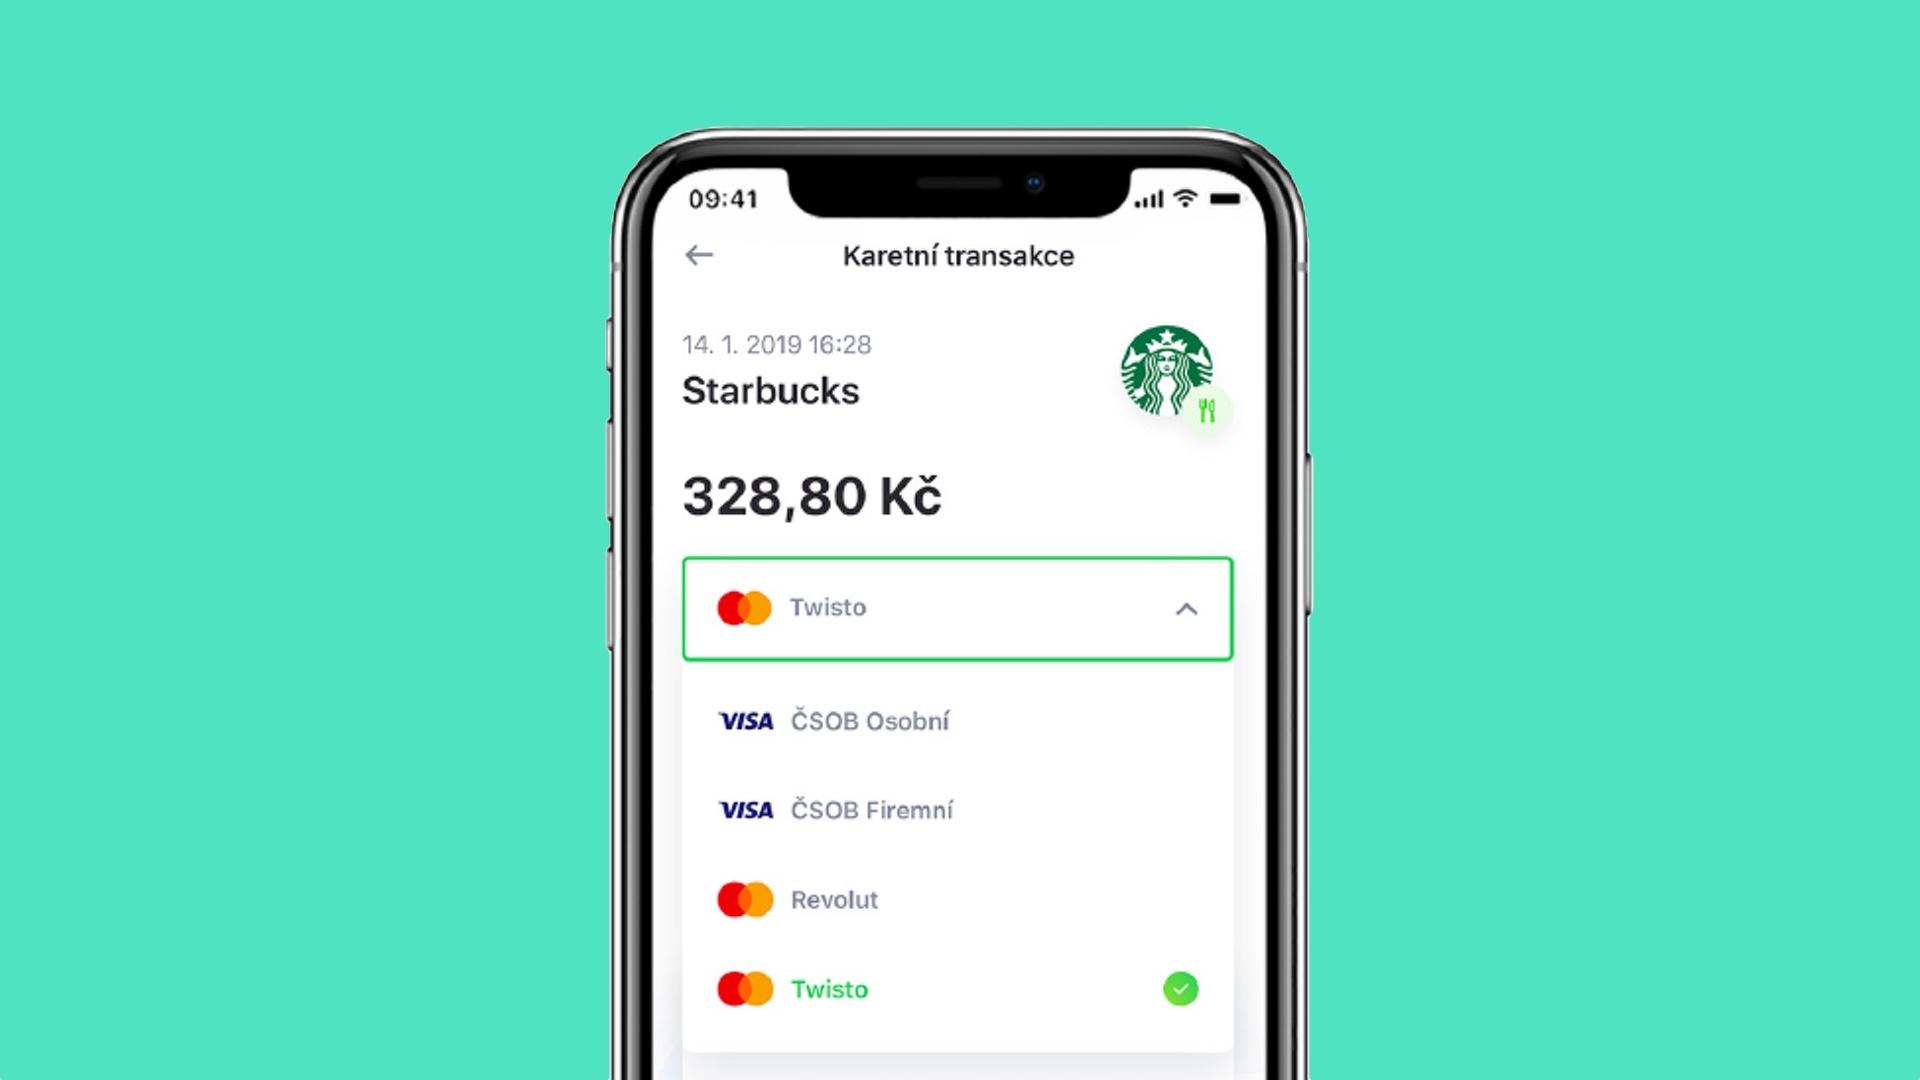 Twisto nově nabídne možnost zaplatit přes svou platební kartu